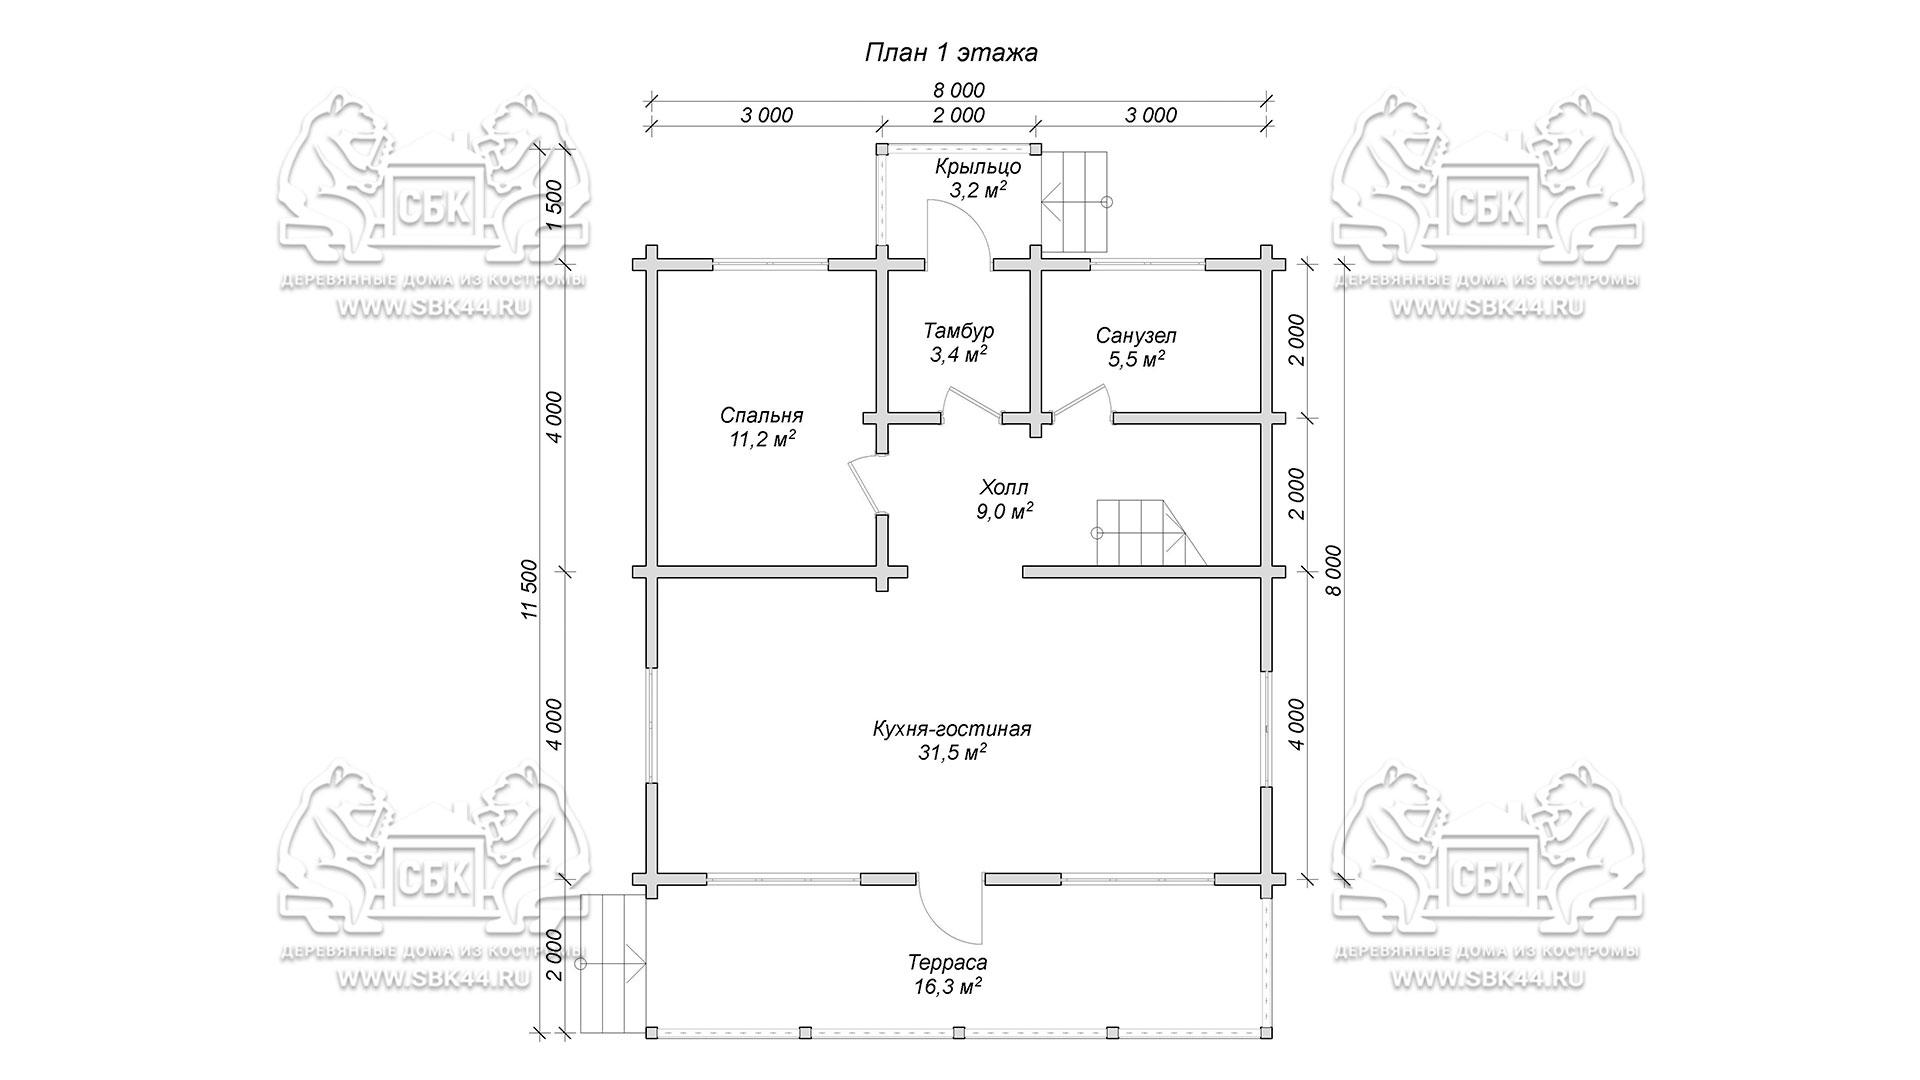 Проект дом из бруса в чашу 8 х 8 м «Залесский» - с мансардой и террасой - план 1-го этажа